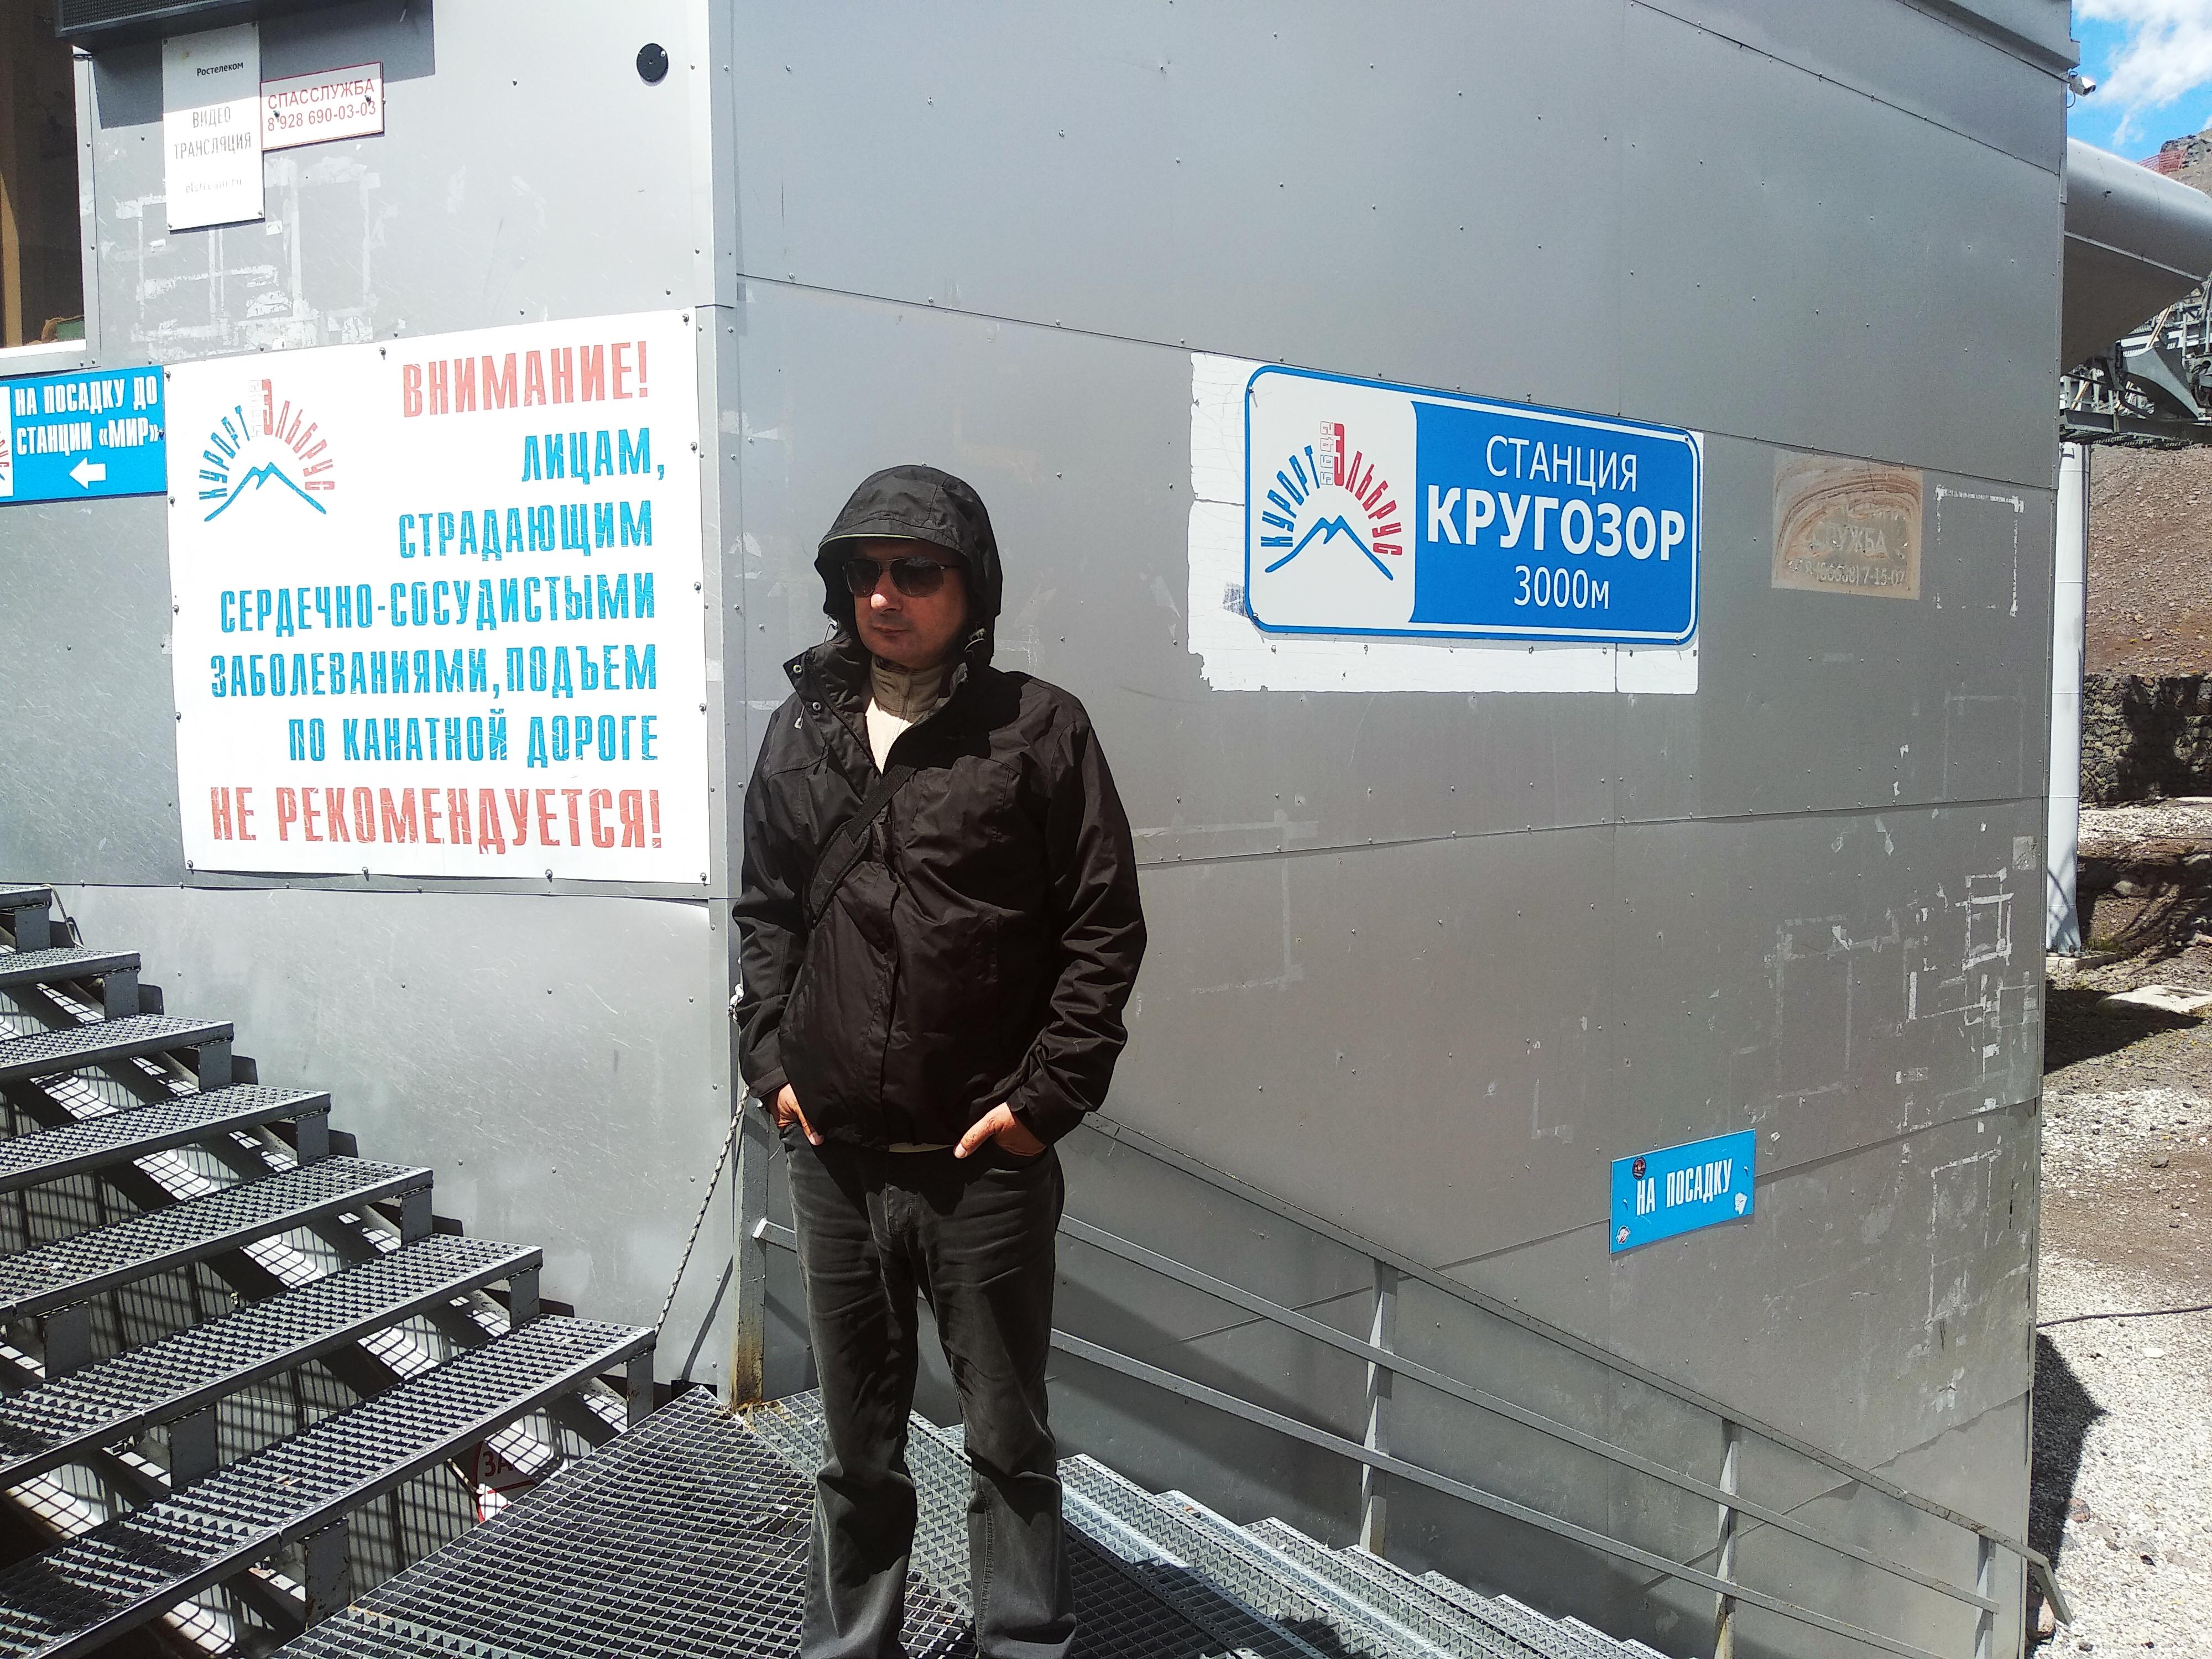 Этой осенью, путешествуя по Северному Кавказу, синьор Андреа решил совершить восхождение на гору входящую в список самых высочайших вершин мира -